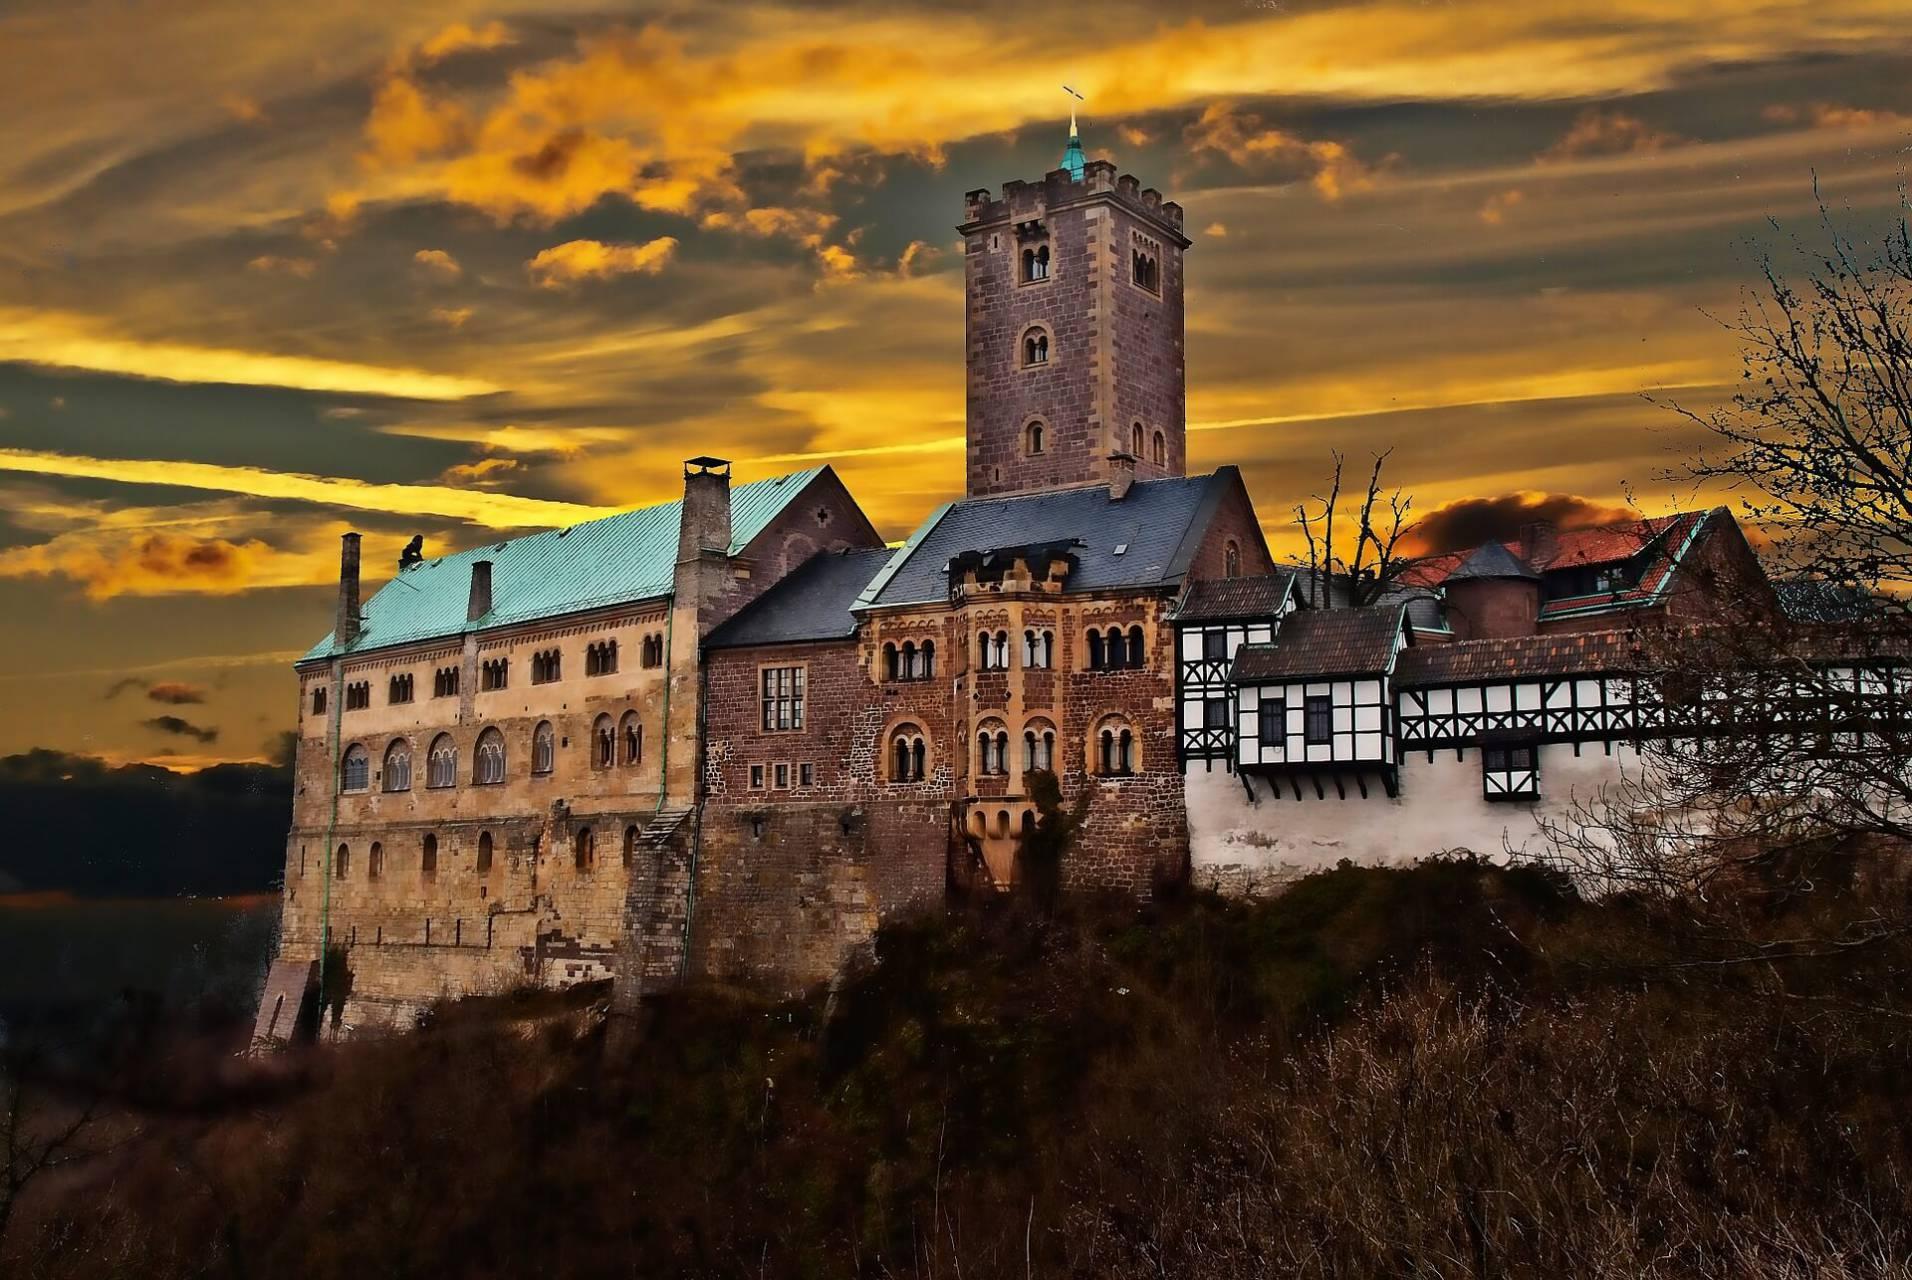 Borgen i Wartburg Foto: Klaus Dieter vom Wangenheim Pixabay